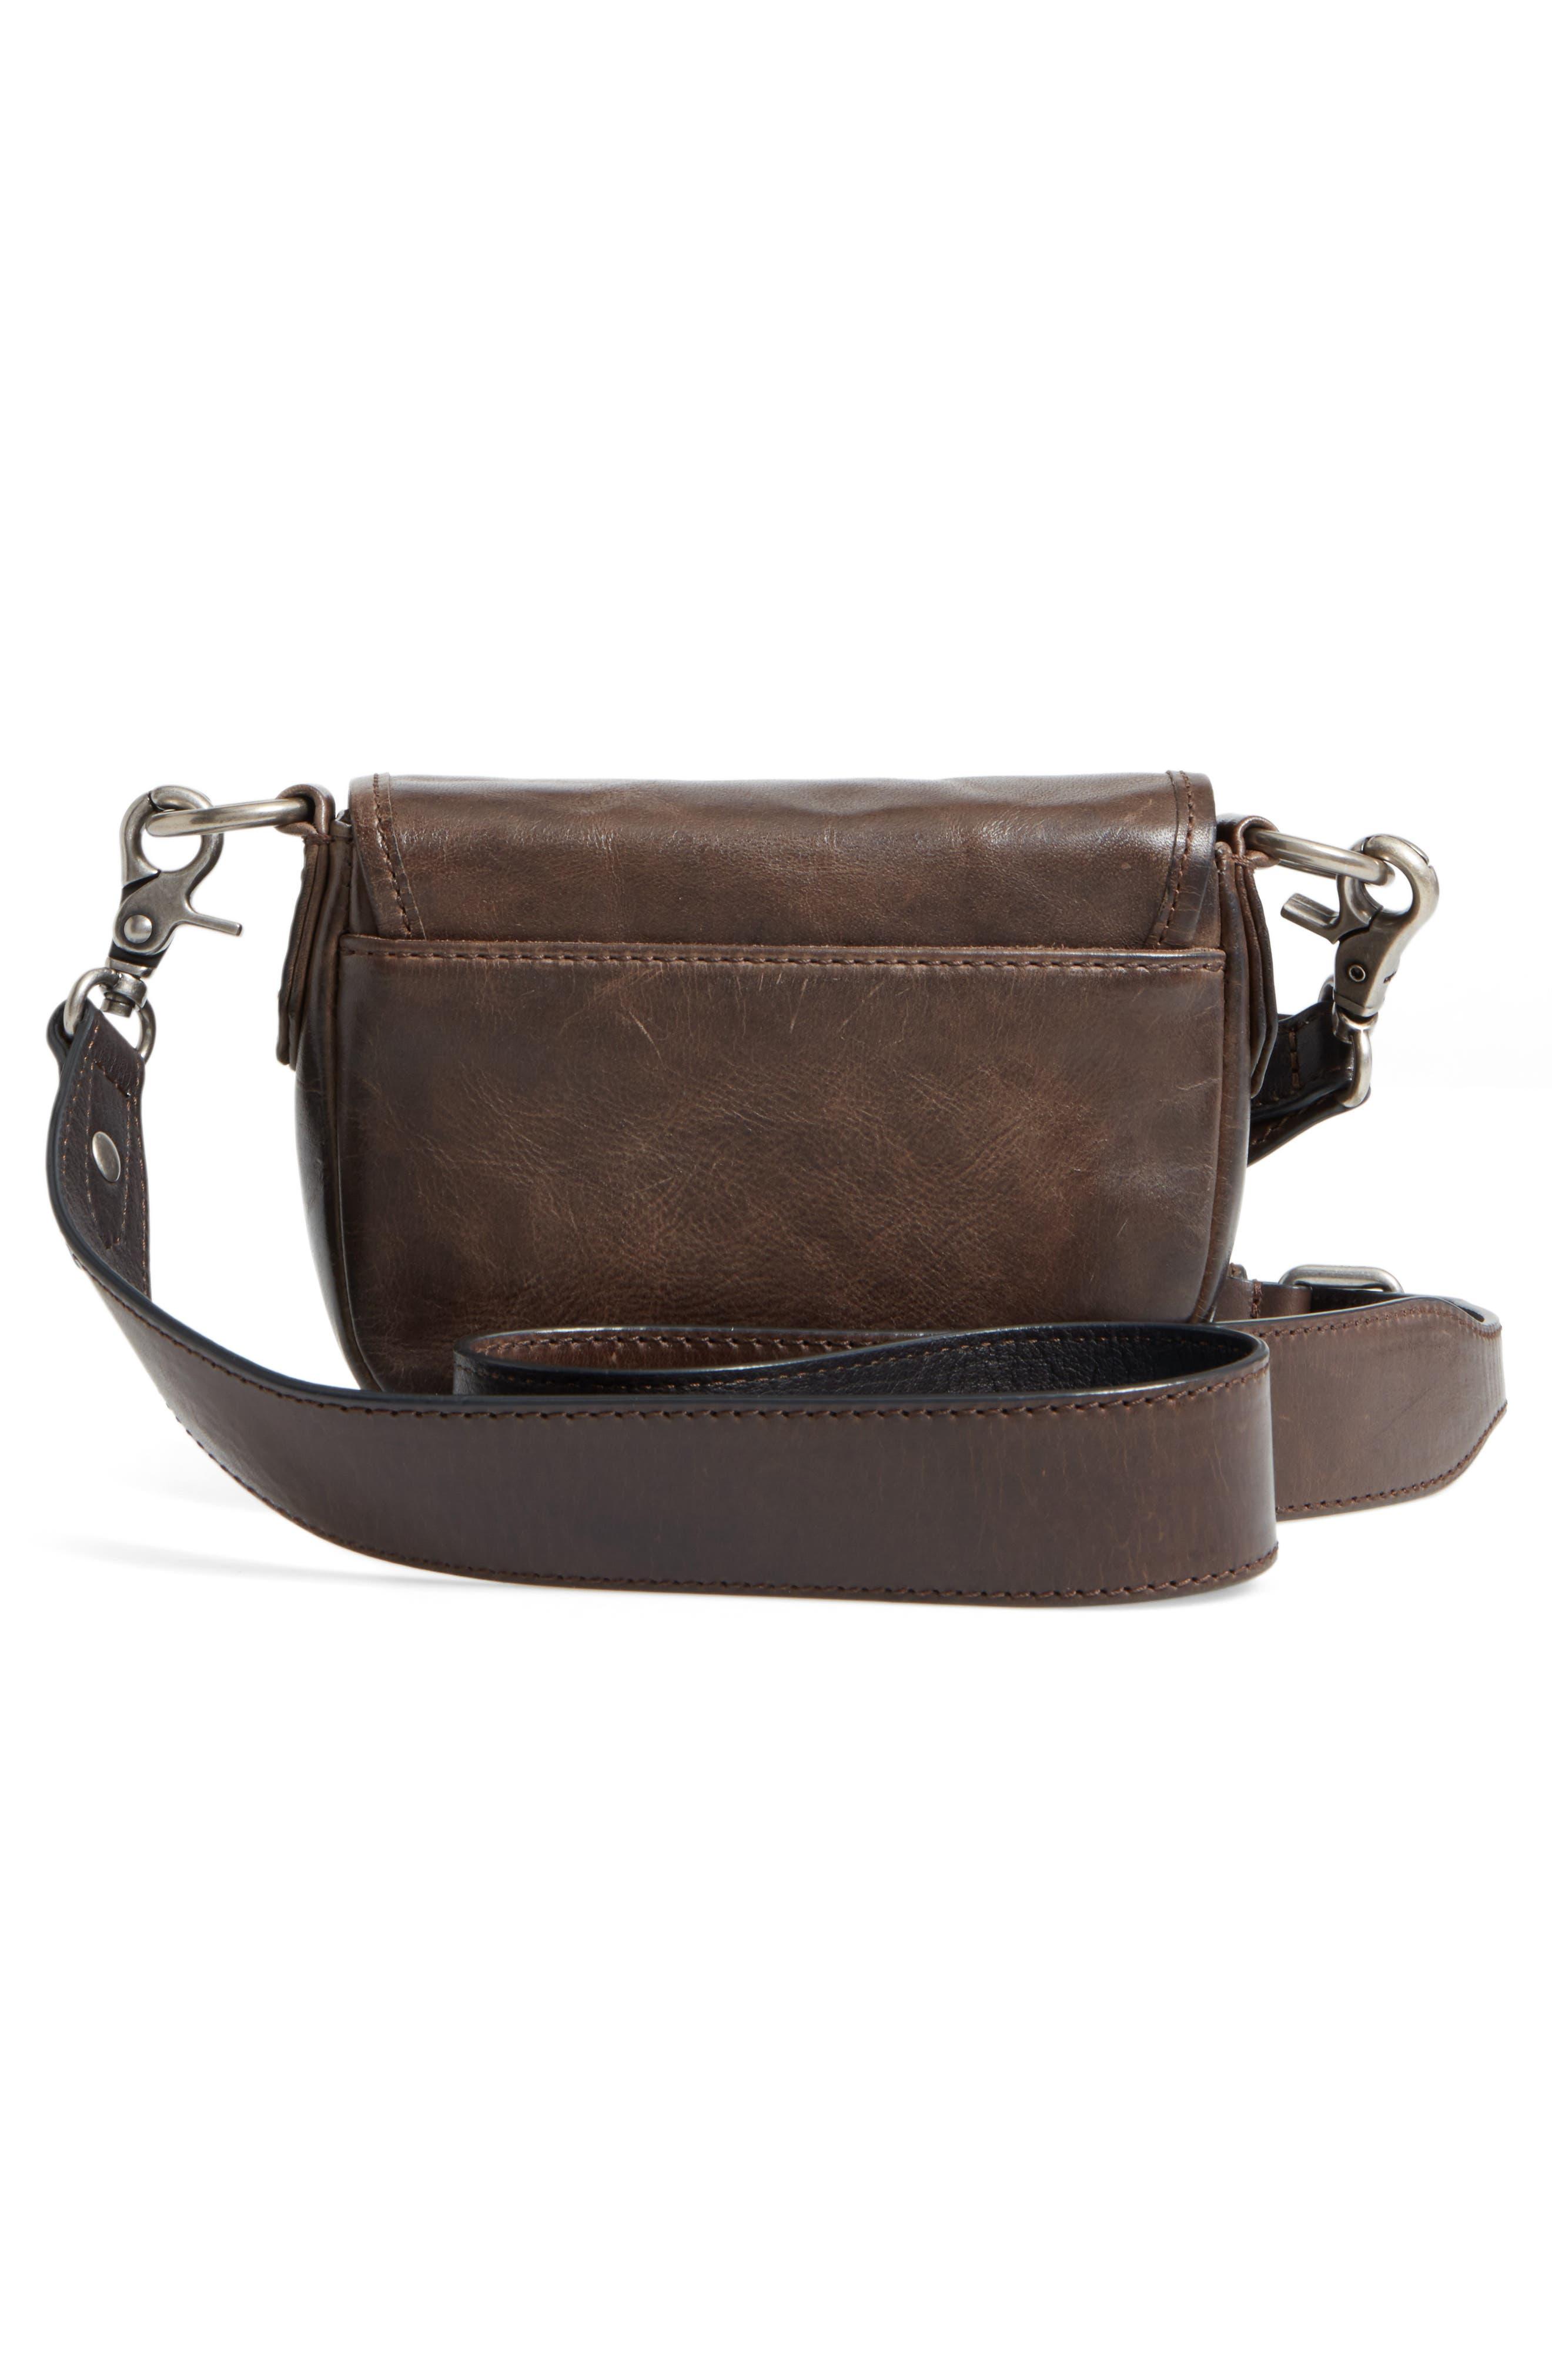 Alternate Image 3  - Frye Mini Melissa Whipstitch Leather Saddle Bag